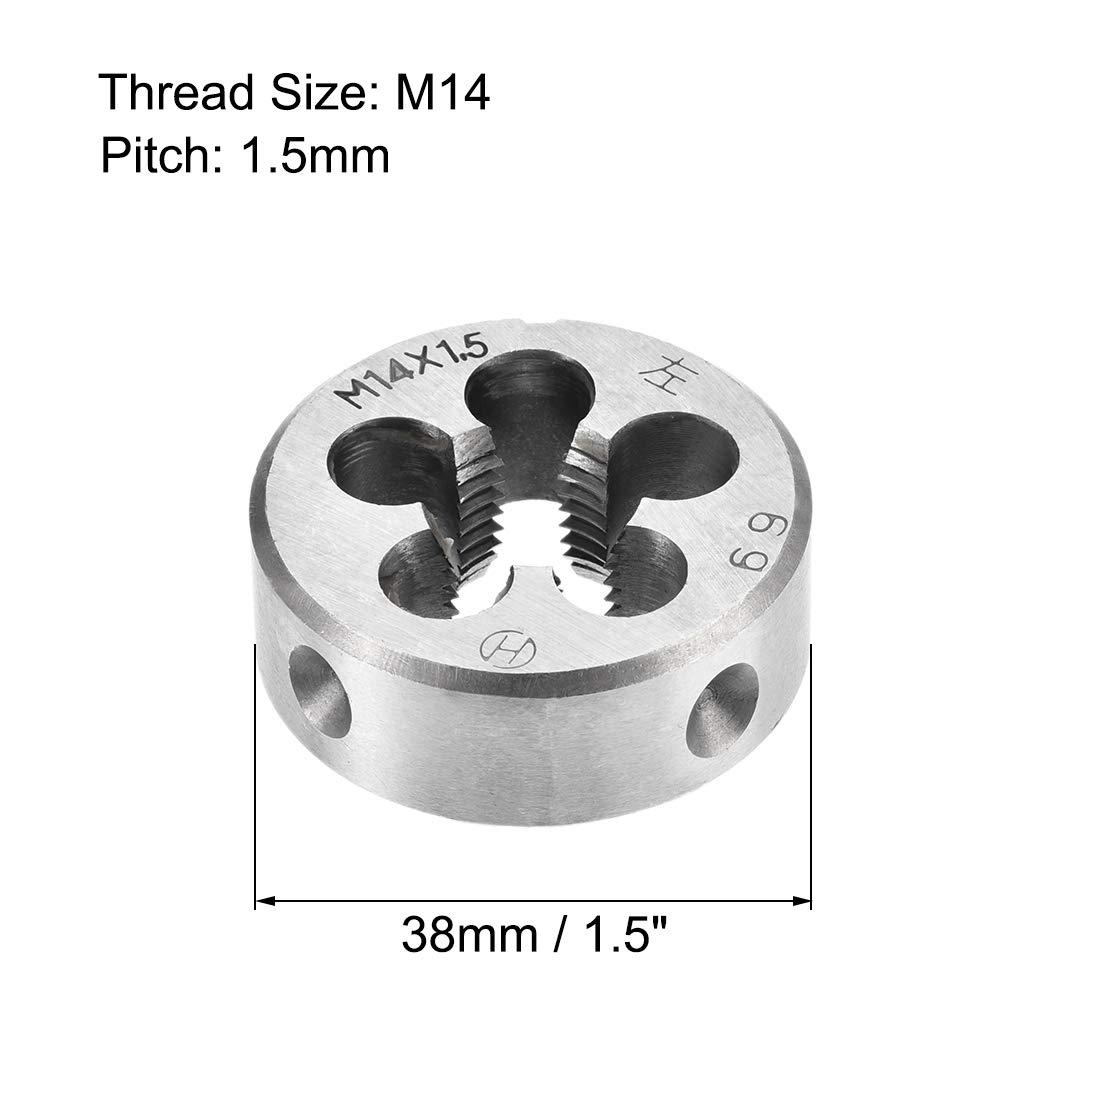 uxcell M18 X 1 Metric Round Die Alloy Tool Steel Machine Thread Left Hand Threading Die